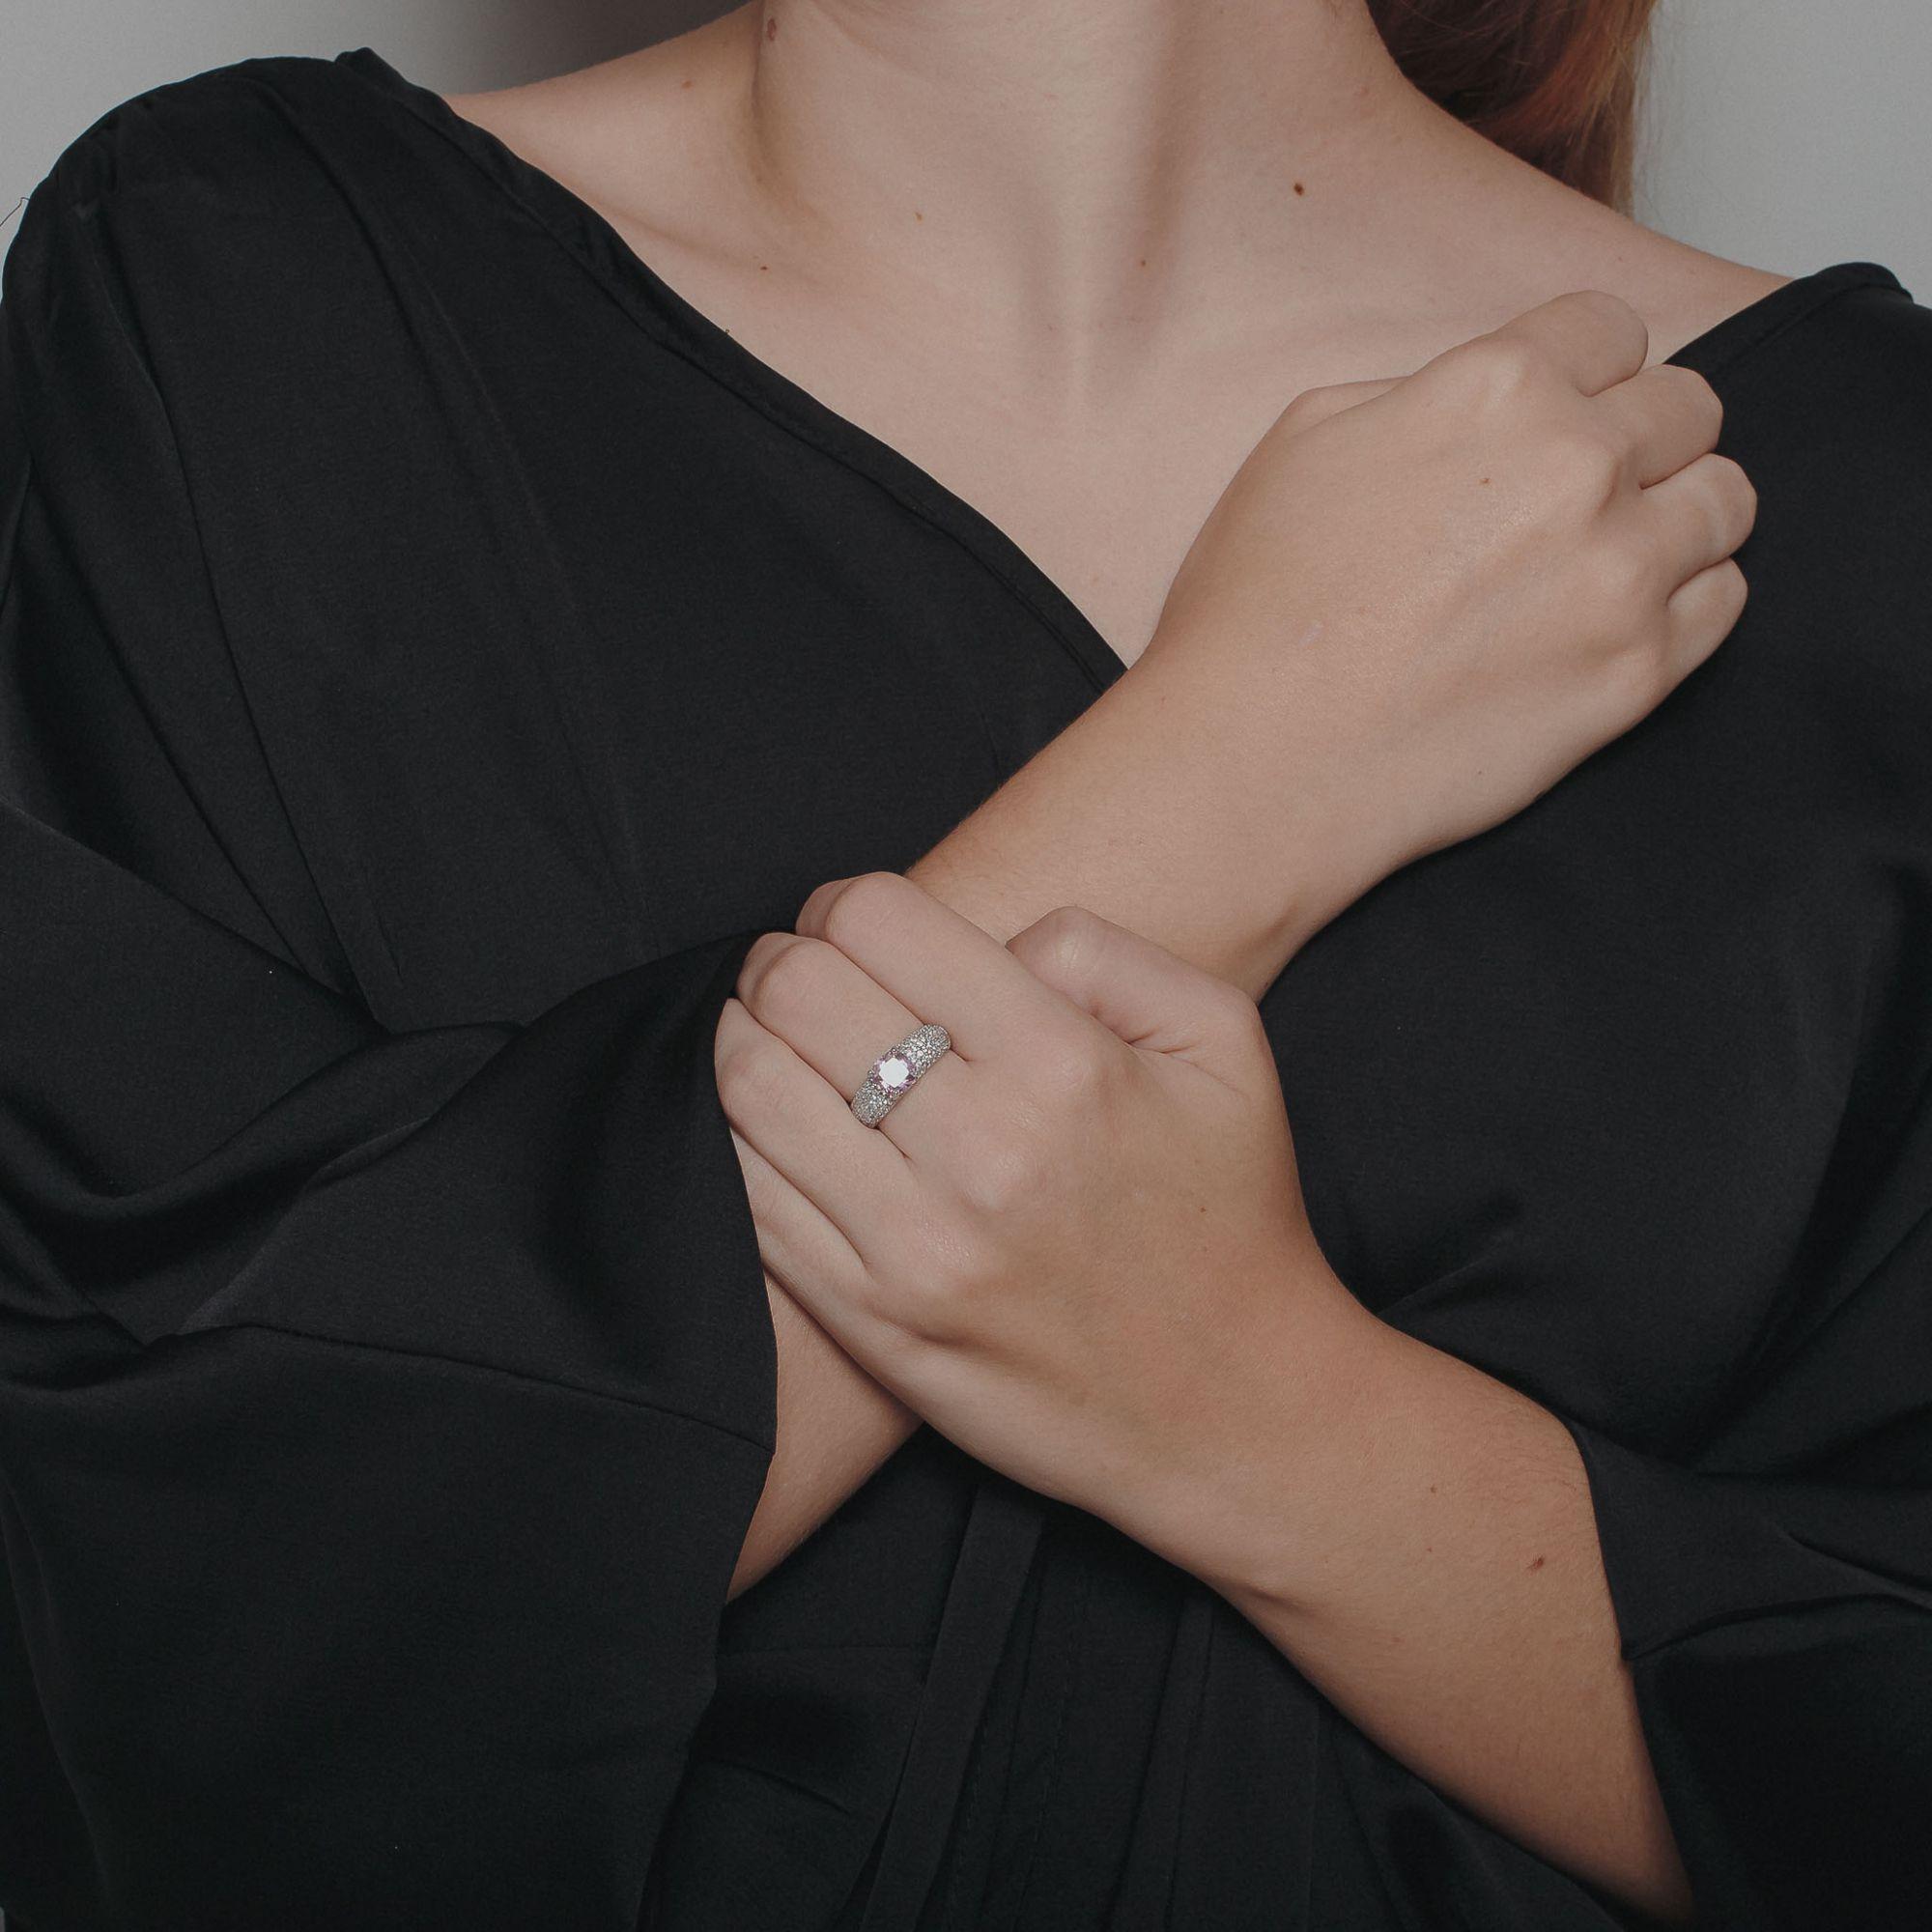 Anel com micro zircônias cristais e pedra central cor de rosa banho de ródio branco.  - bfdecor.com.br